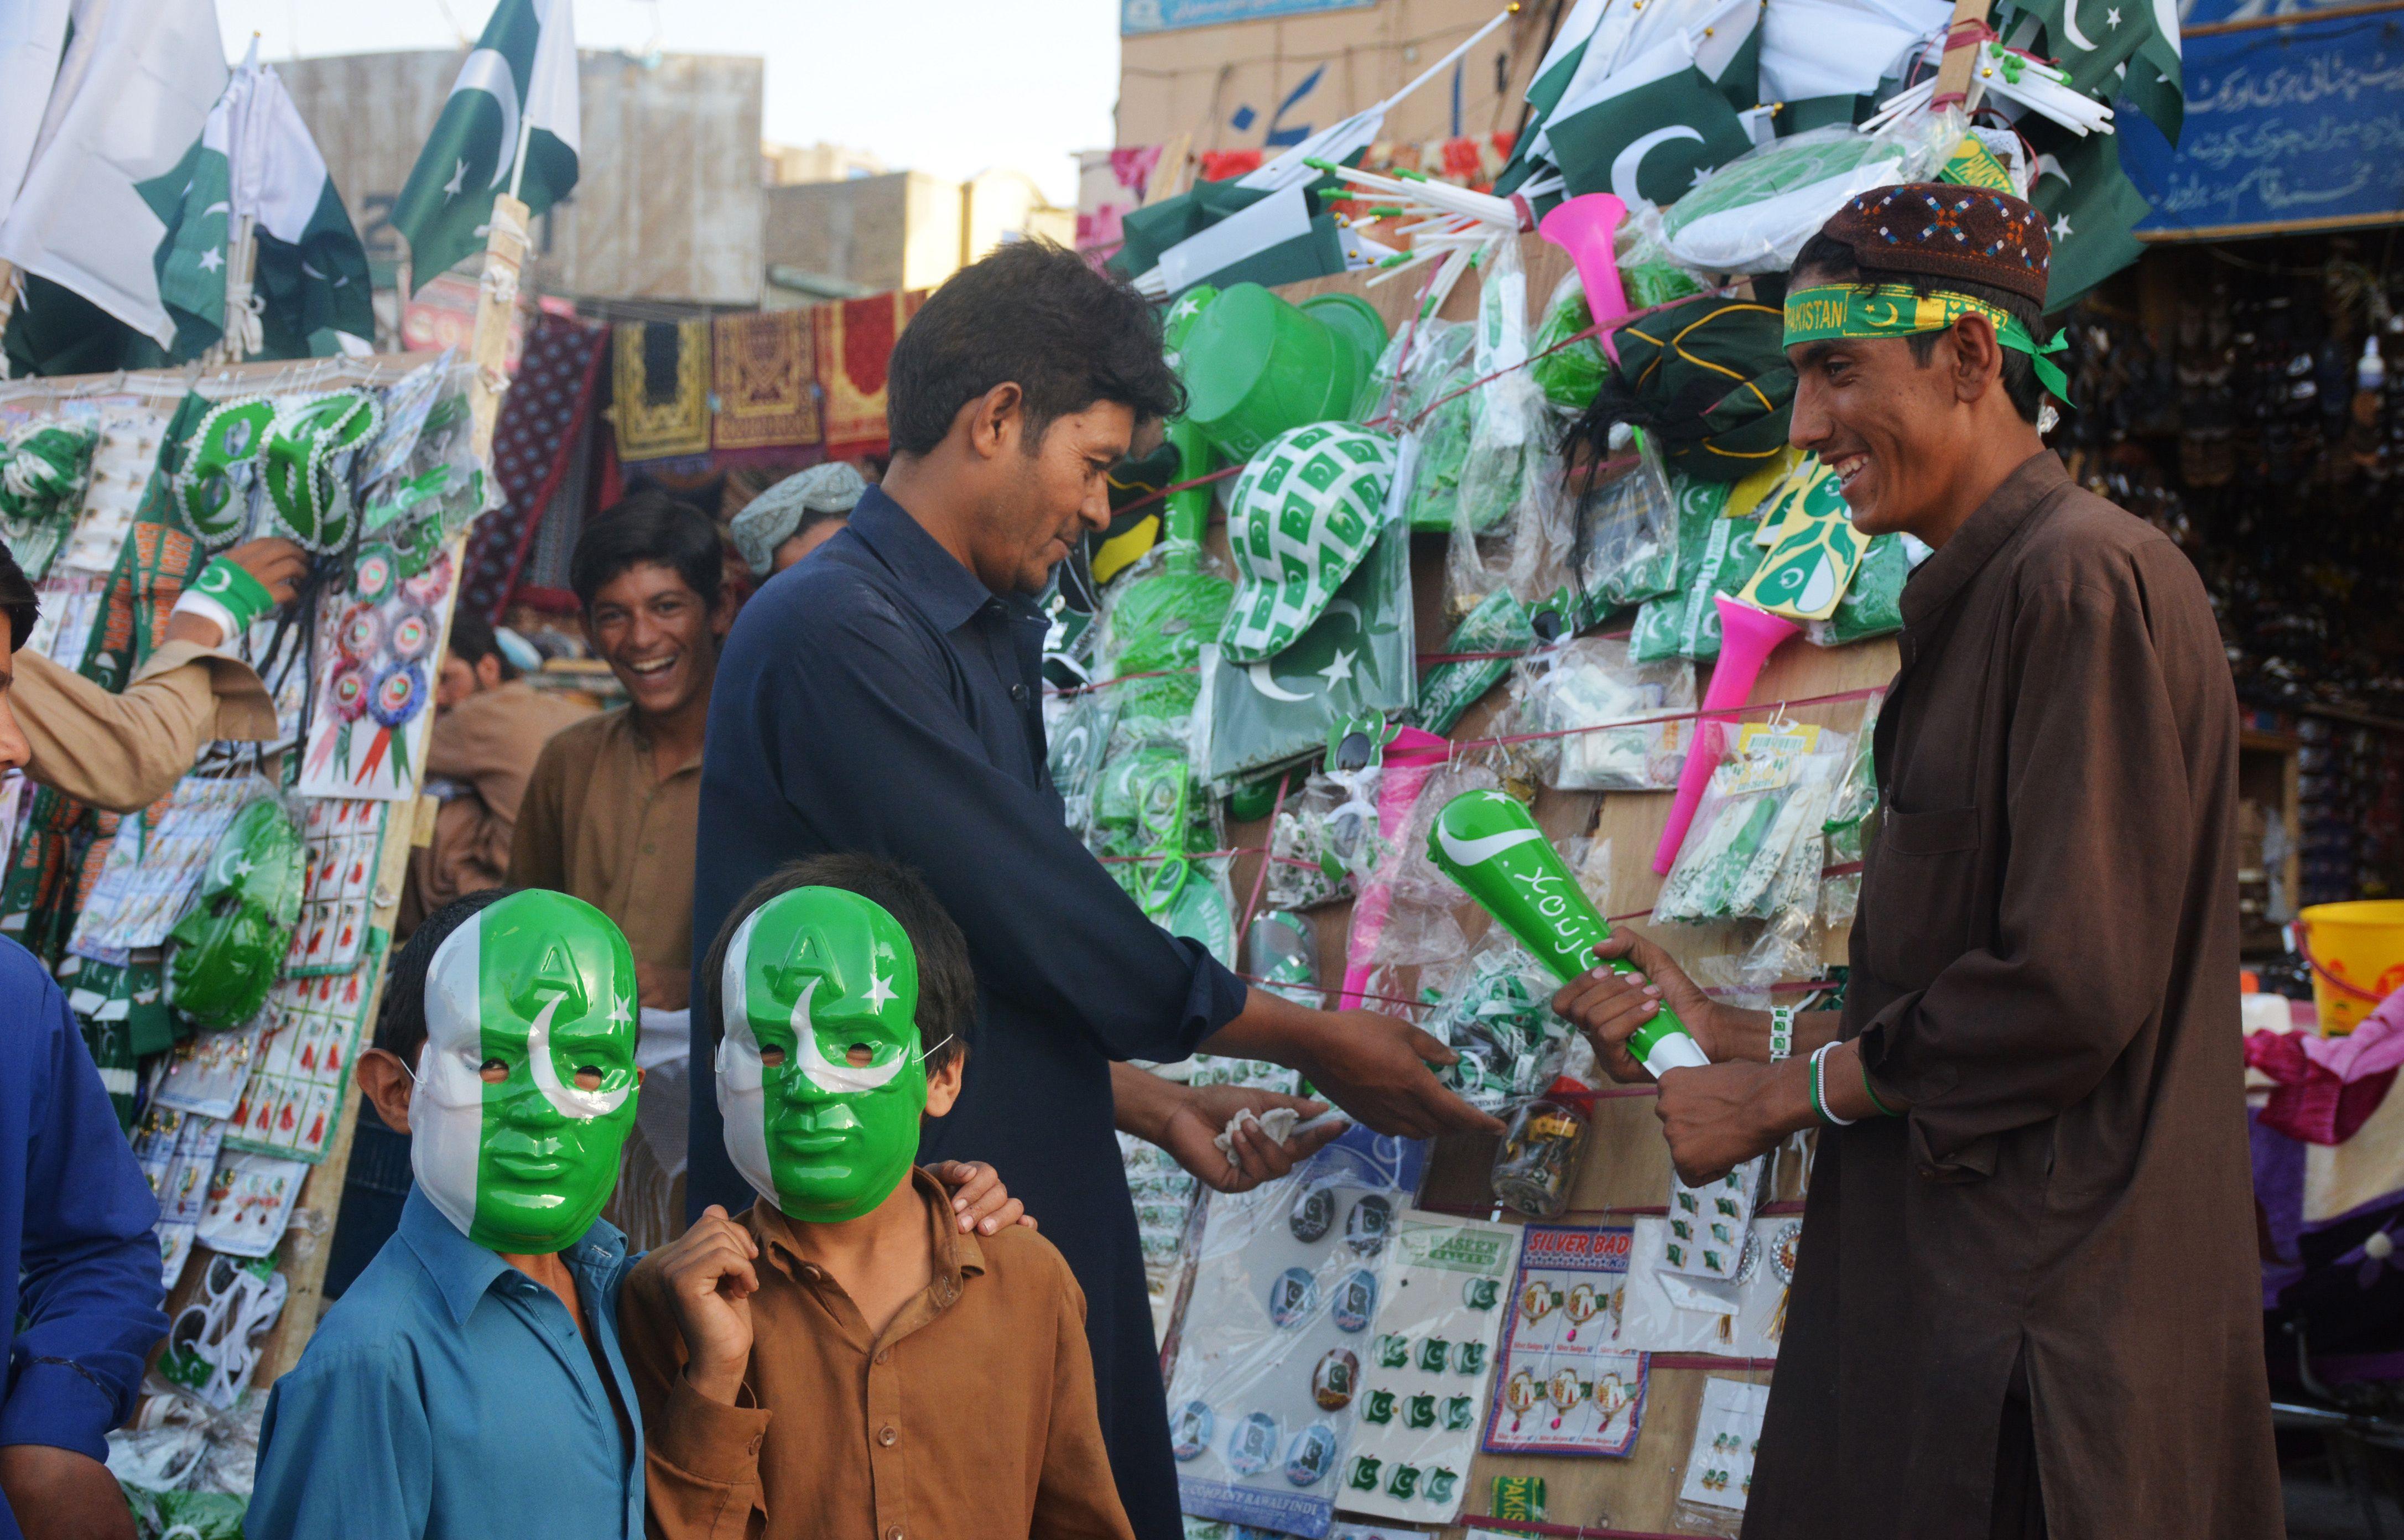 مواطنون باكستانيون يحتفلون بذكرى الاستقلال